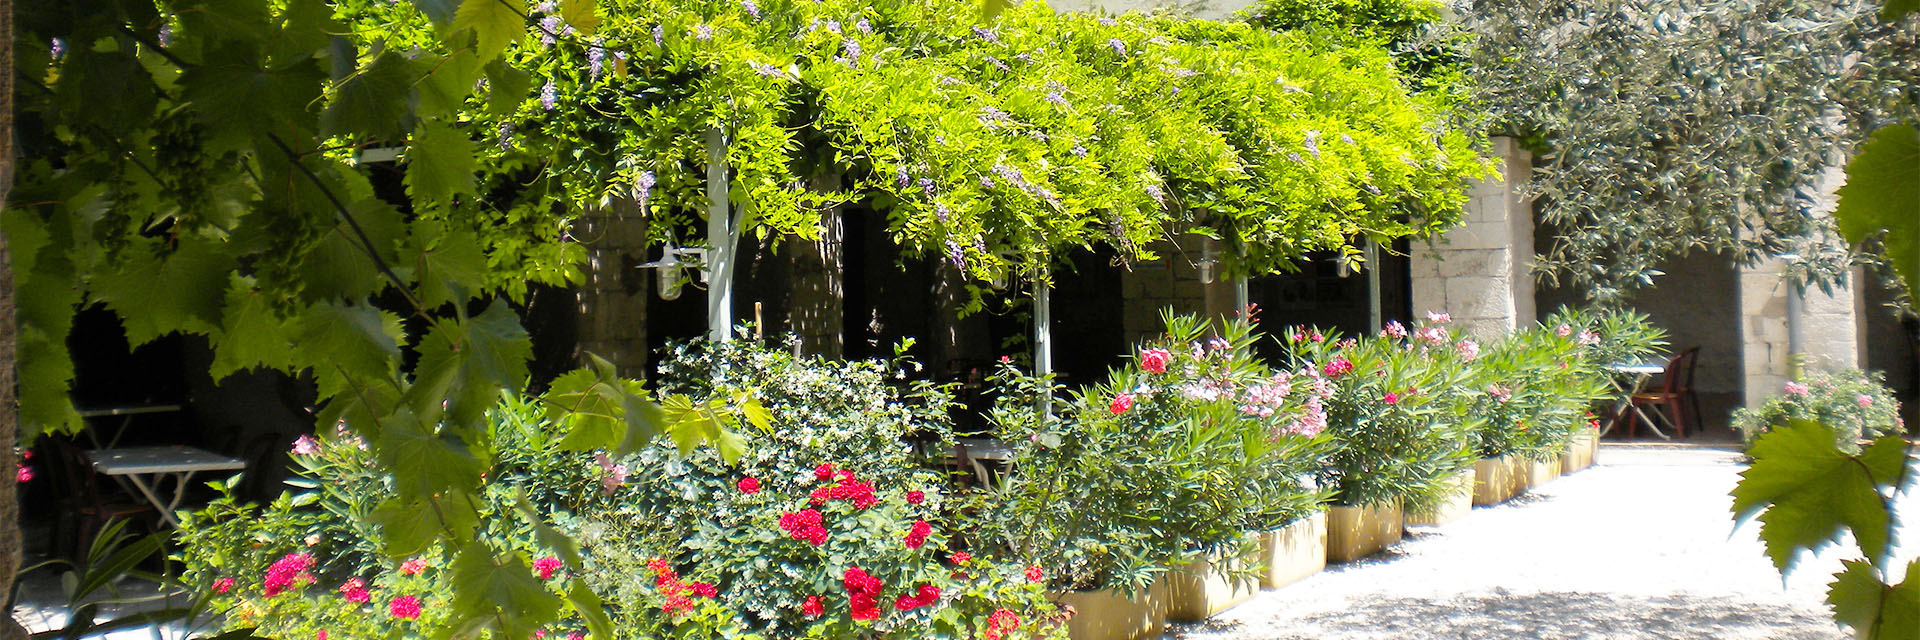 Village_club_vacances_provence-cloitre-des-dominicains-jardin